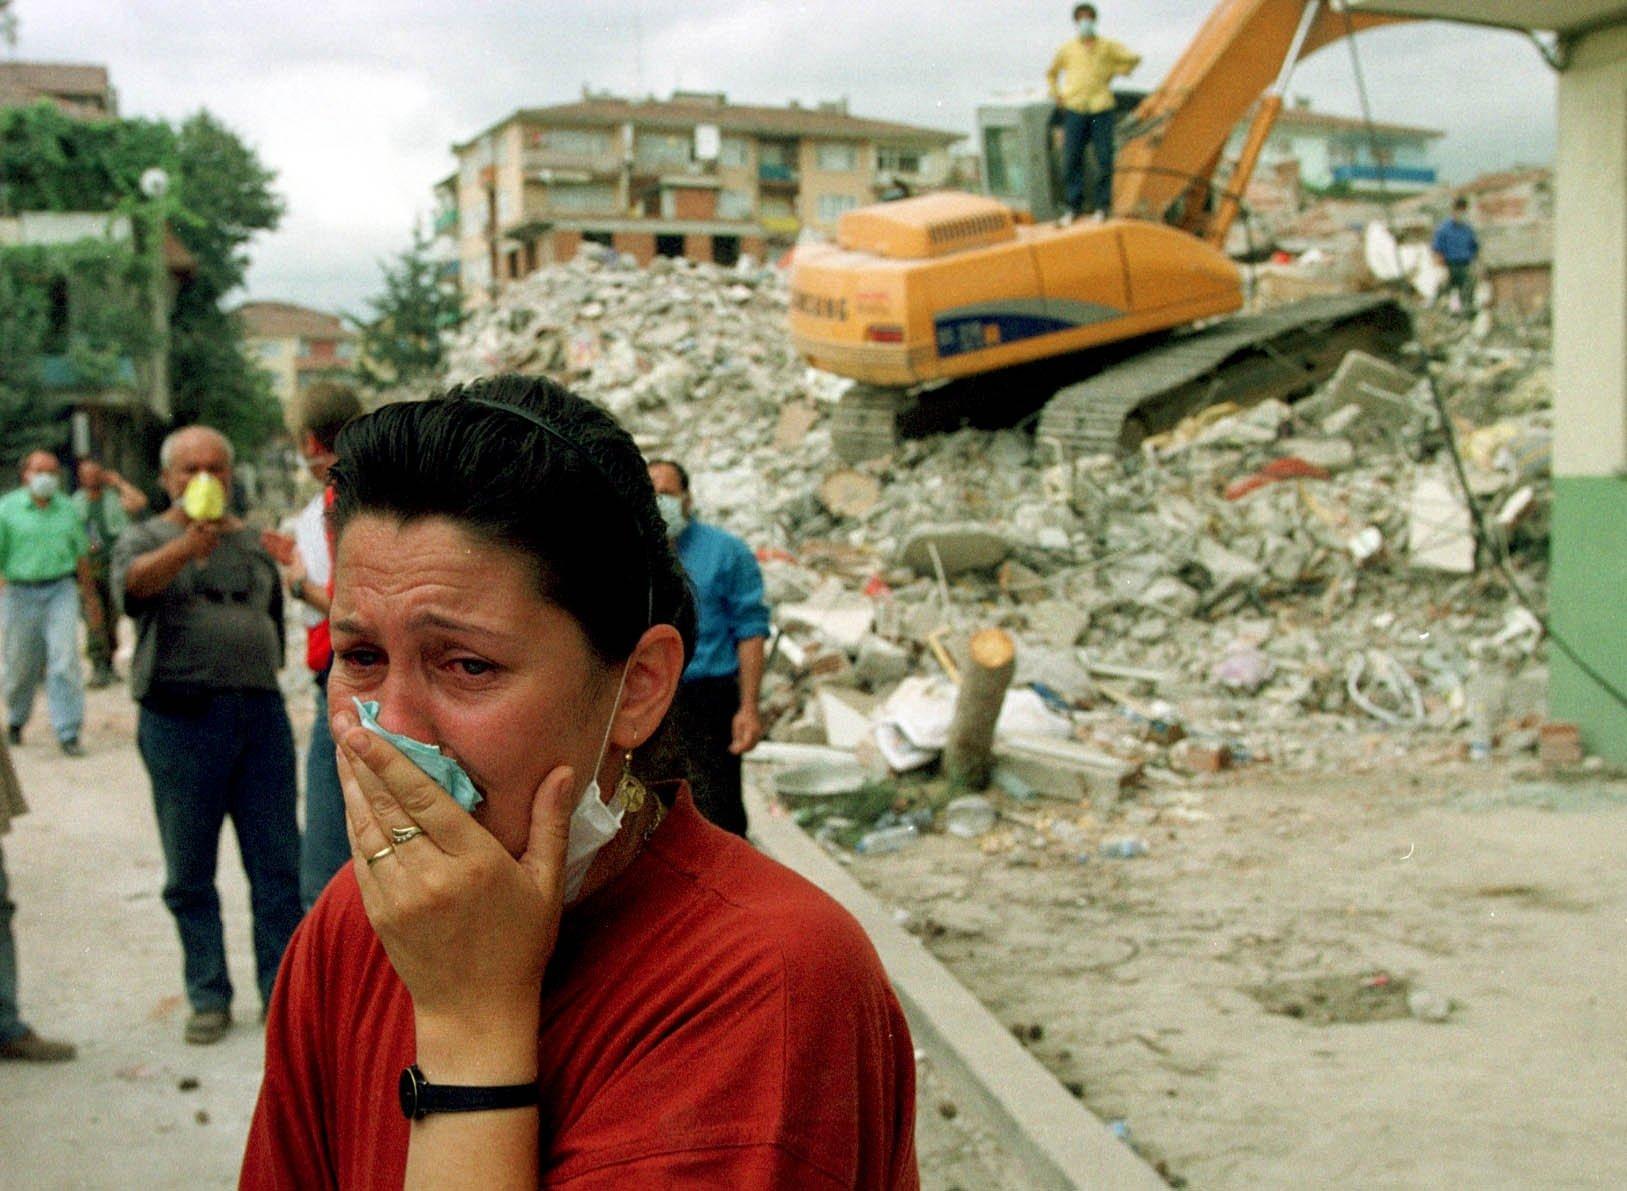 23 Ağustos 1999'da Türkiye'nin Golgotha kentindeki enkazdan tahliye edildikten sonra 16 yaşındaki erkek kardeşinin kalıntıları ambulansla kurtarma görevlileri tarafından taşınırken bir kadın ağlıyor.  (AP fotoğrafı)